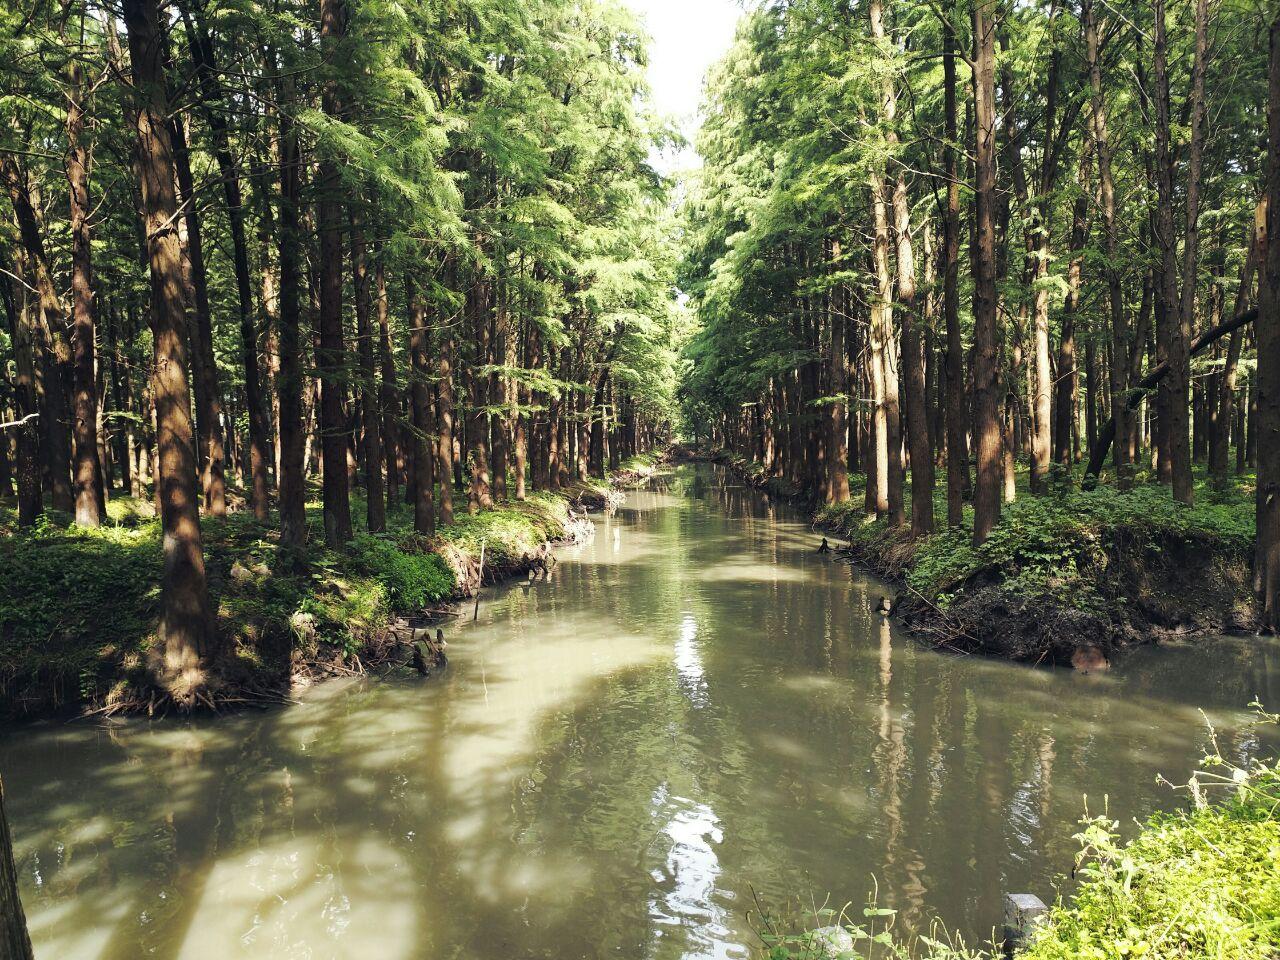 【携程攻略】兴化李中水上森林公园好玩吗,兴化李中水图片